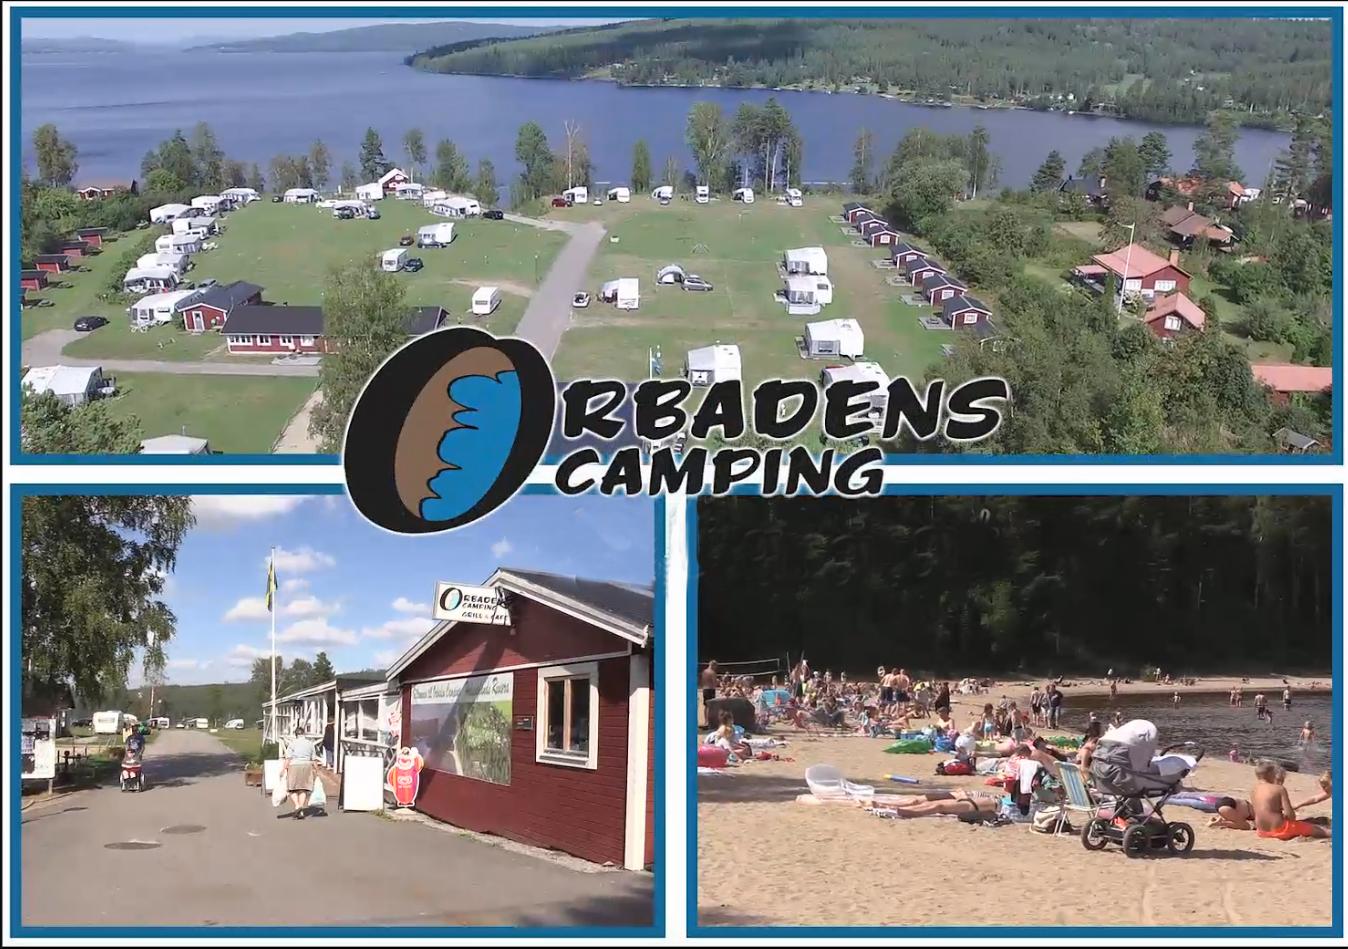 orbaden_Camping_2021